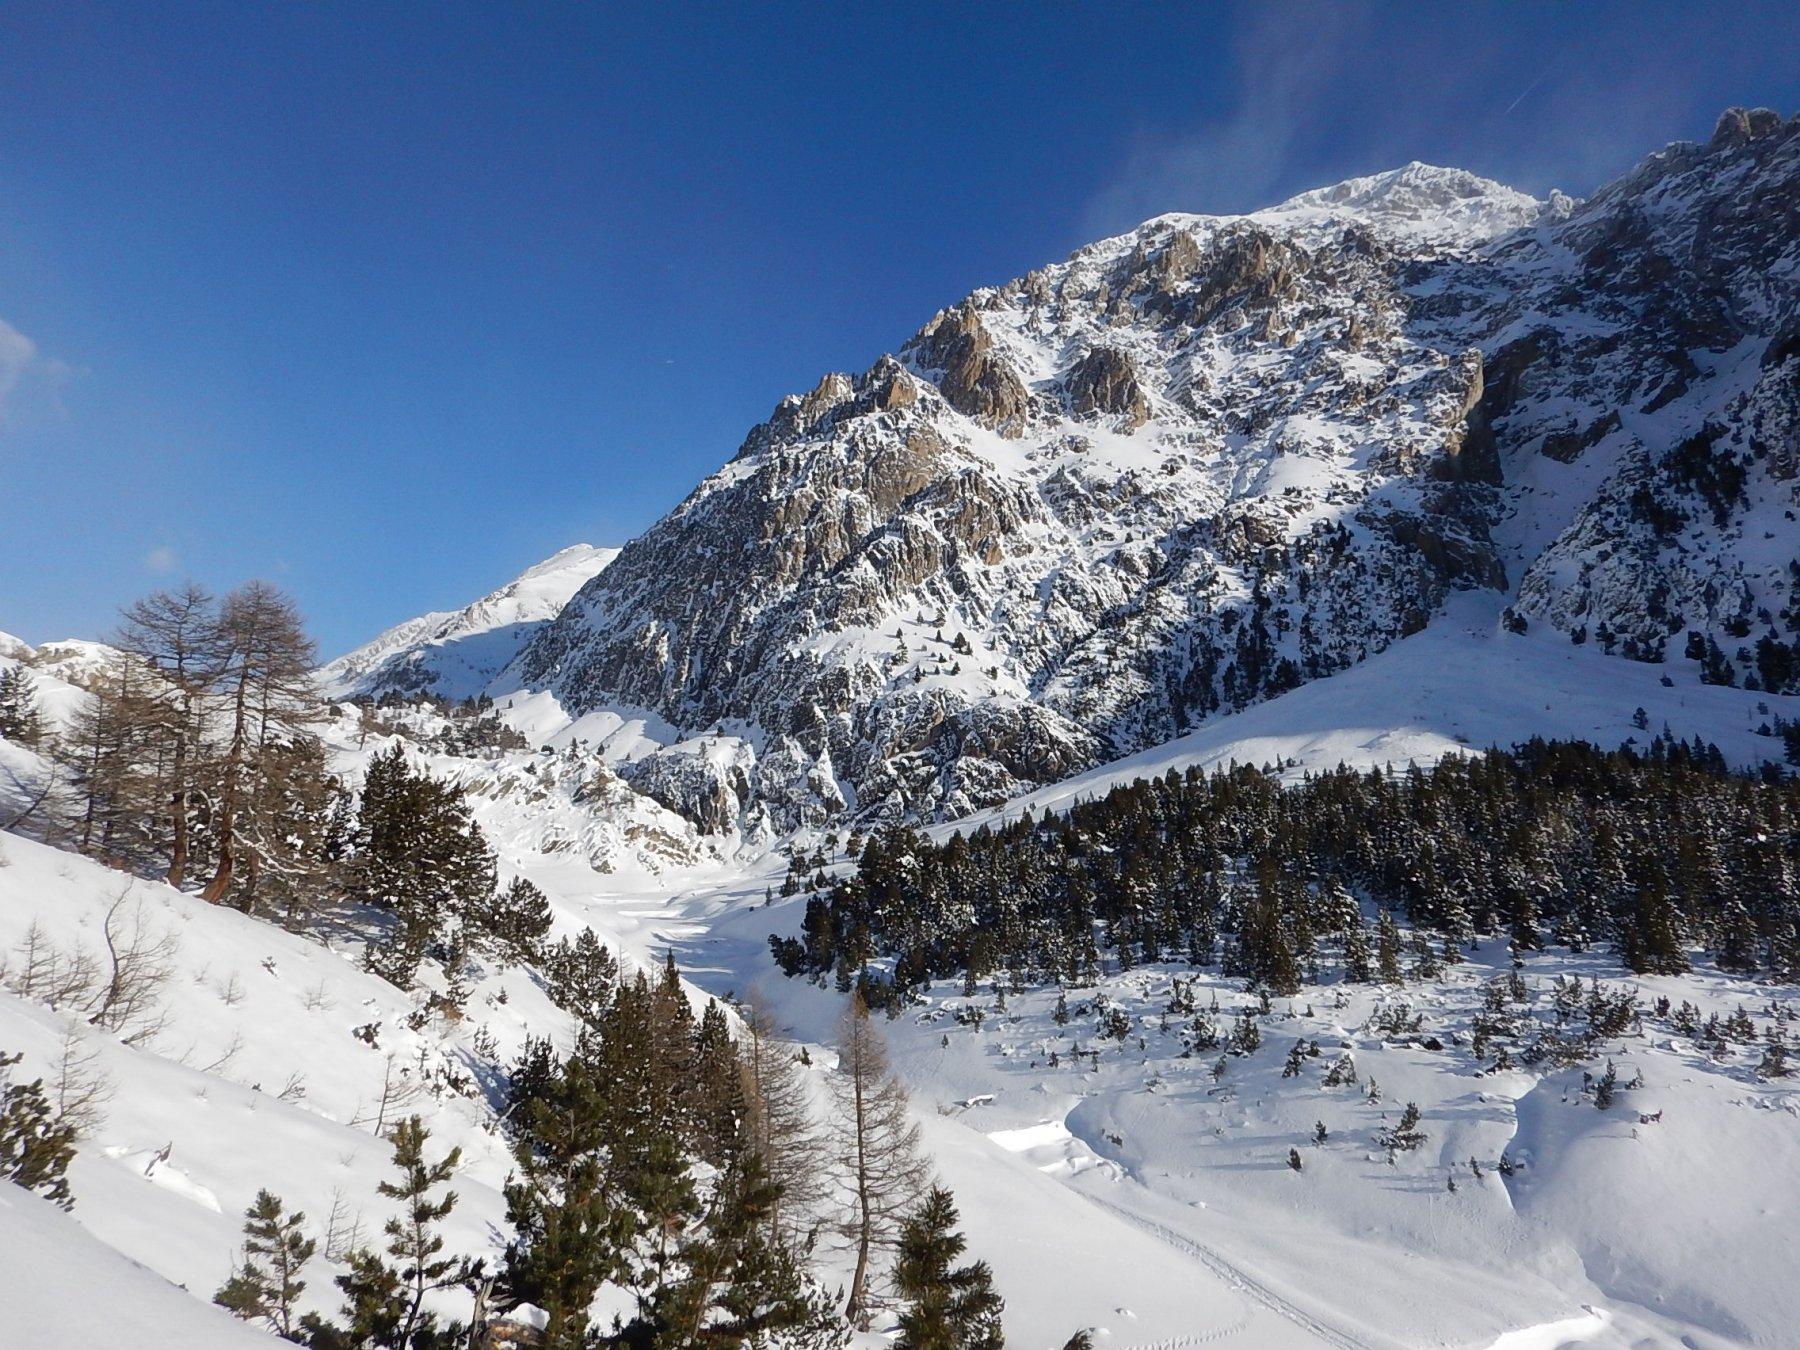 Il vallone di salita, poco dopo Claviere, sullo sfondo lo Chaberton invernale